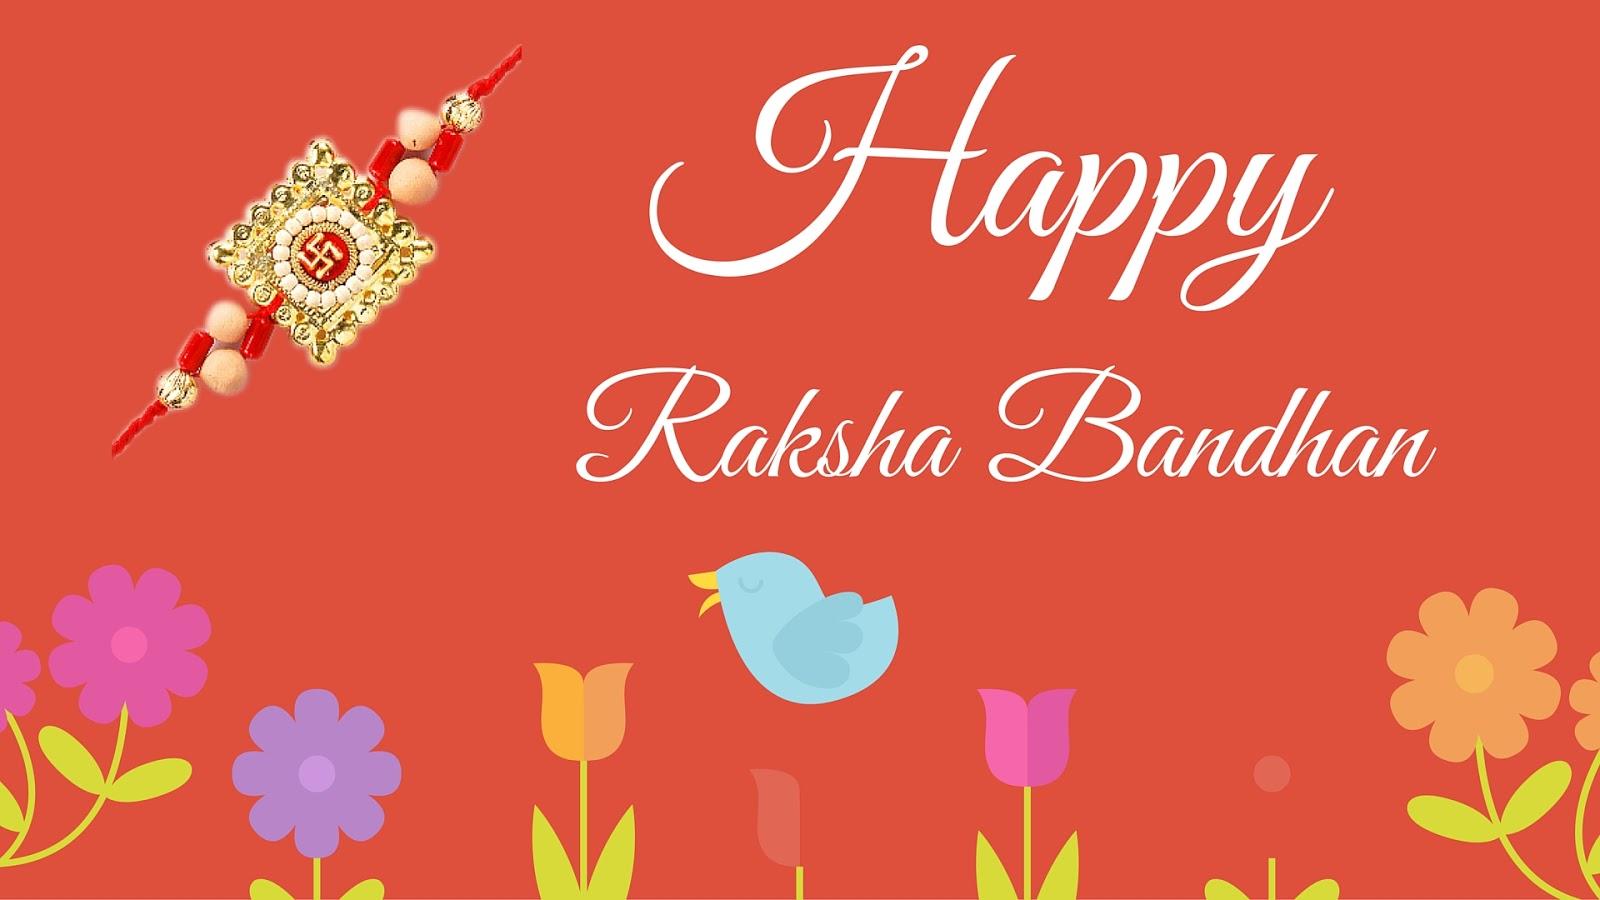 Raksha bandhan greetings 2017 animated cards messages ecards free homemade rakhi greeting cards kristyandbryce Choice Image